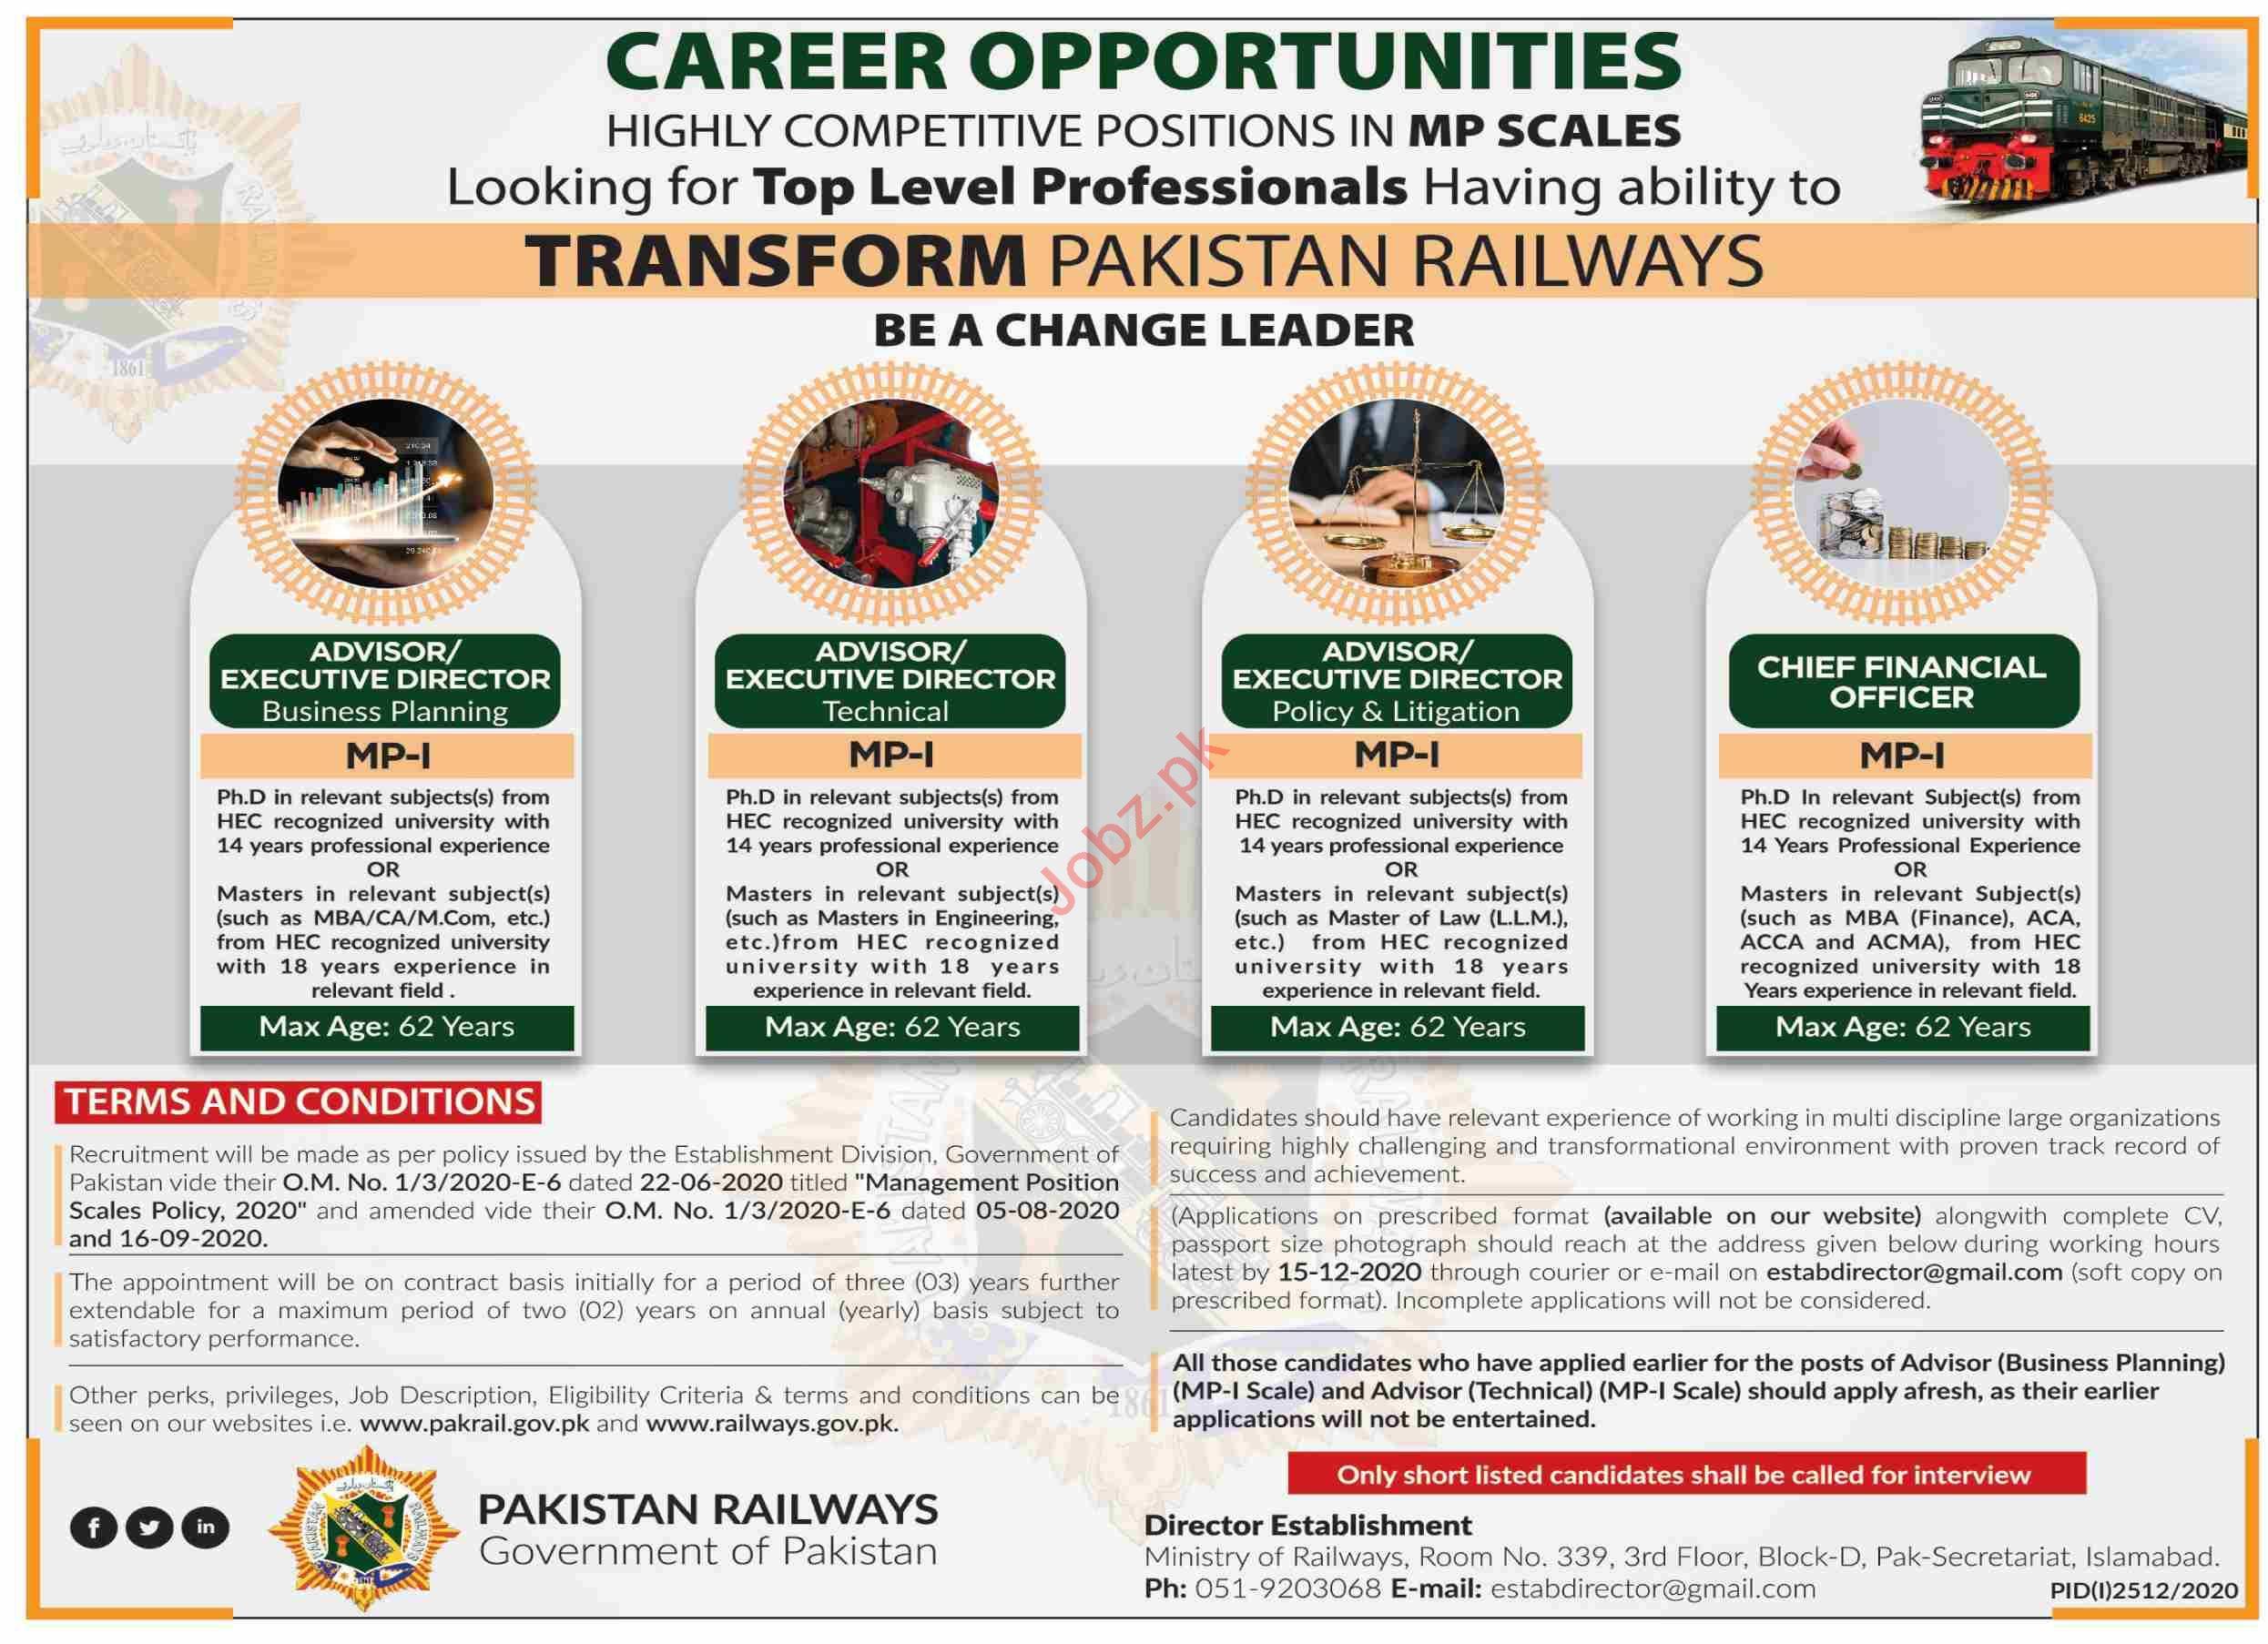 Pakistan Railways Islamabad Jobs 2020 for Executive Director